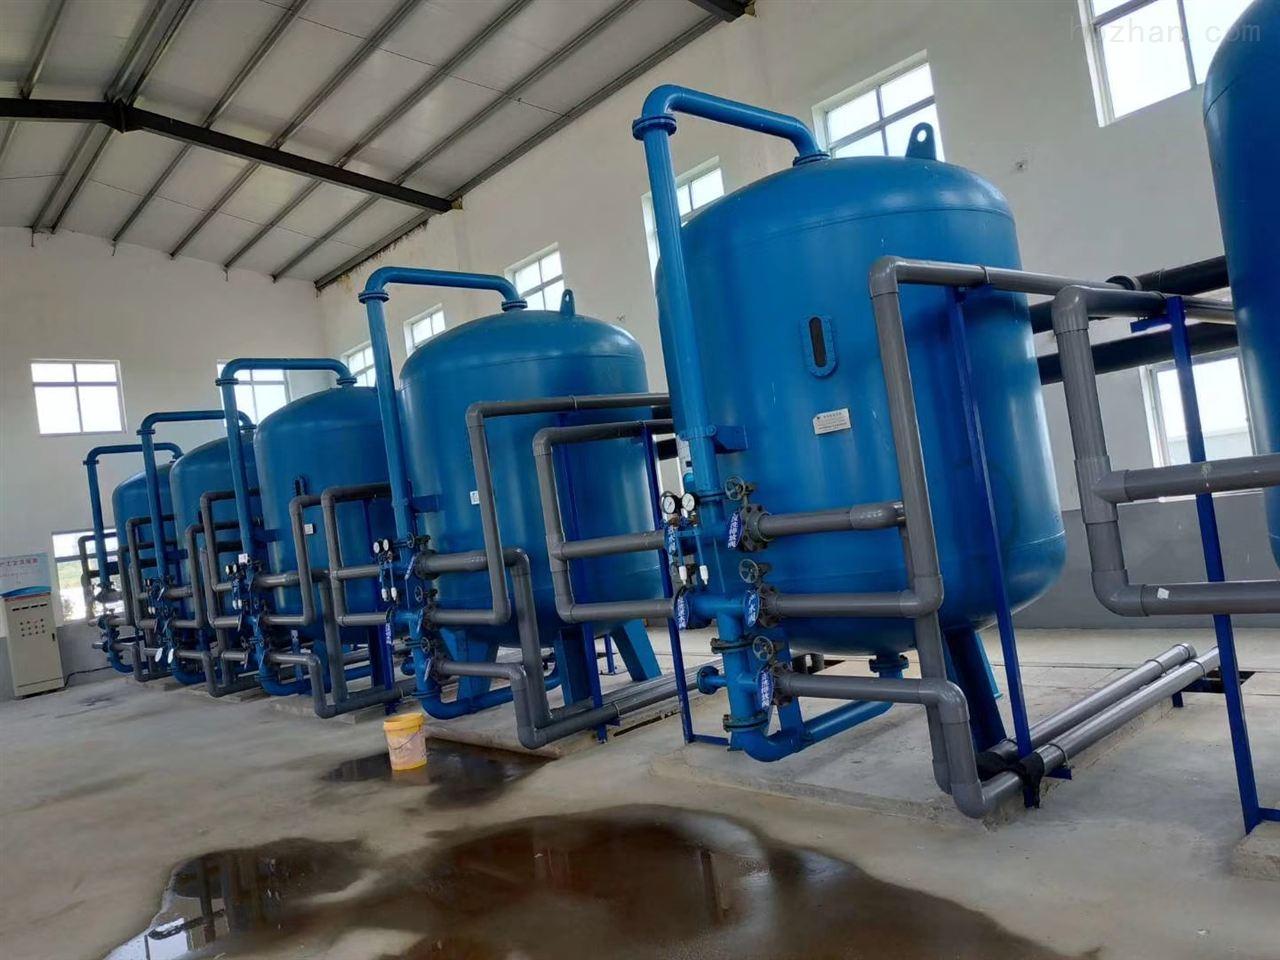 晋中豆腐厂废水处理设备安装环境